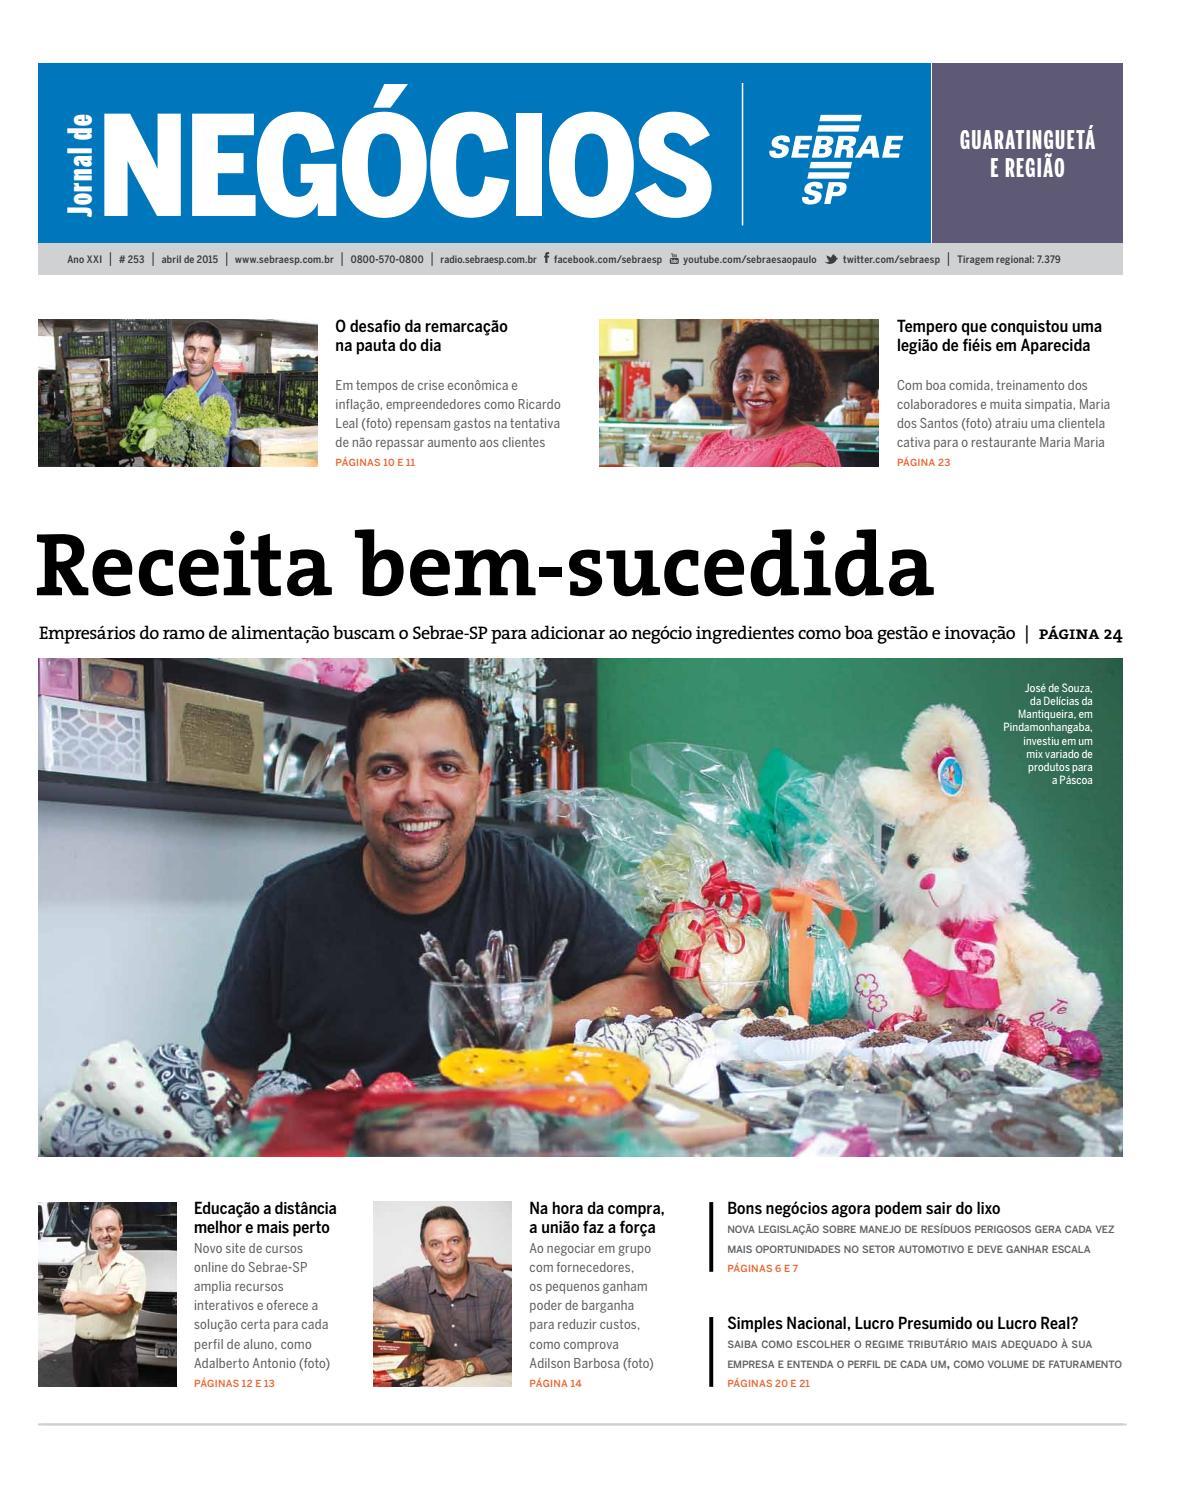 Jornal de Negócios Sebrae-SP - 01 de Abril de 2015 - Guaratinguetá e  Regiões by Sebrae-SP - issuu 5736b7215d